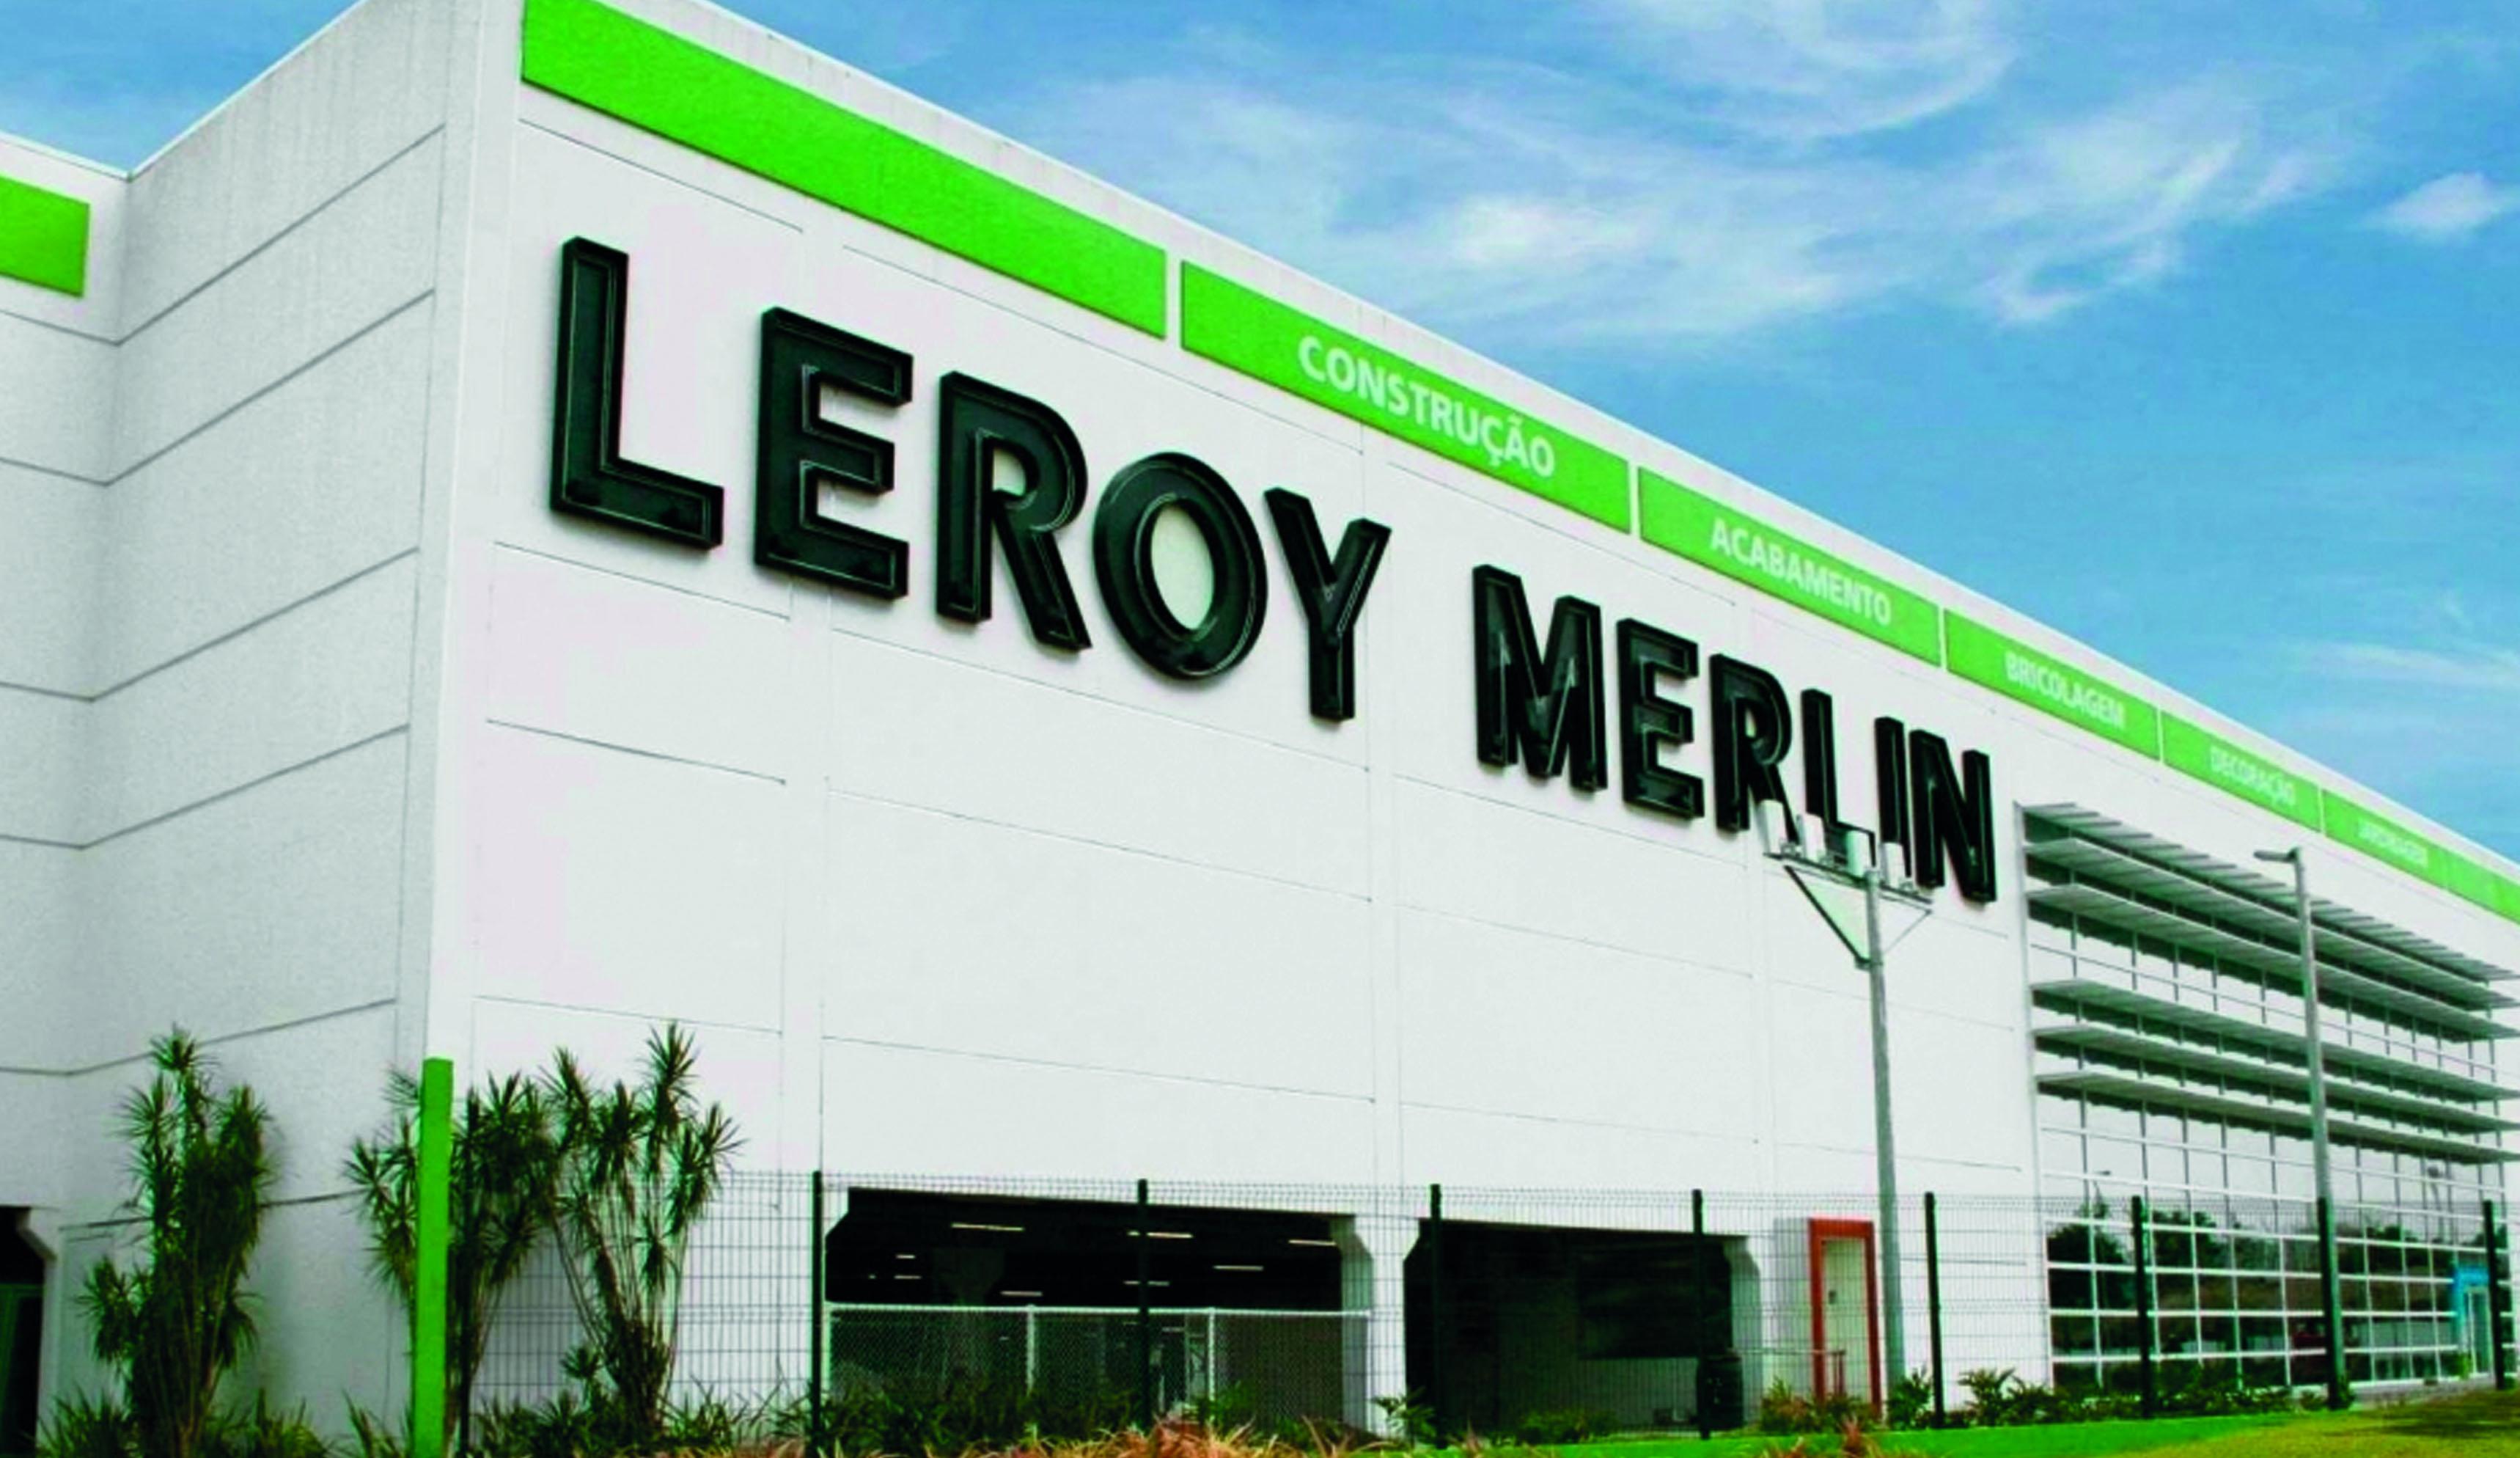 Um ranking realizado em 2019 indicou as 120 empresas que mais representam o varejo brasileiro. Dentre as empresas indicadas, está a Leroy Merlin, associada da CCIFB-SP.